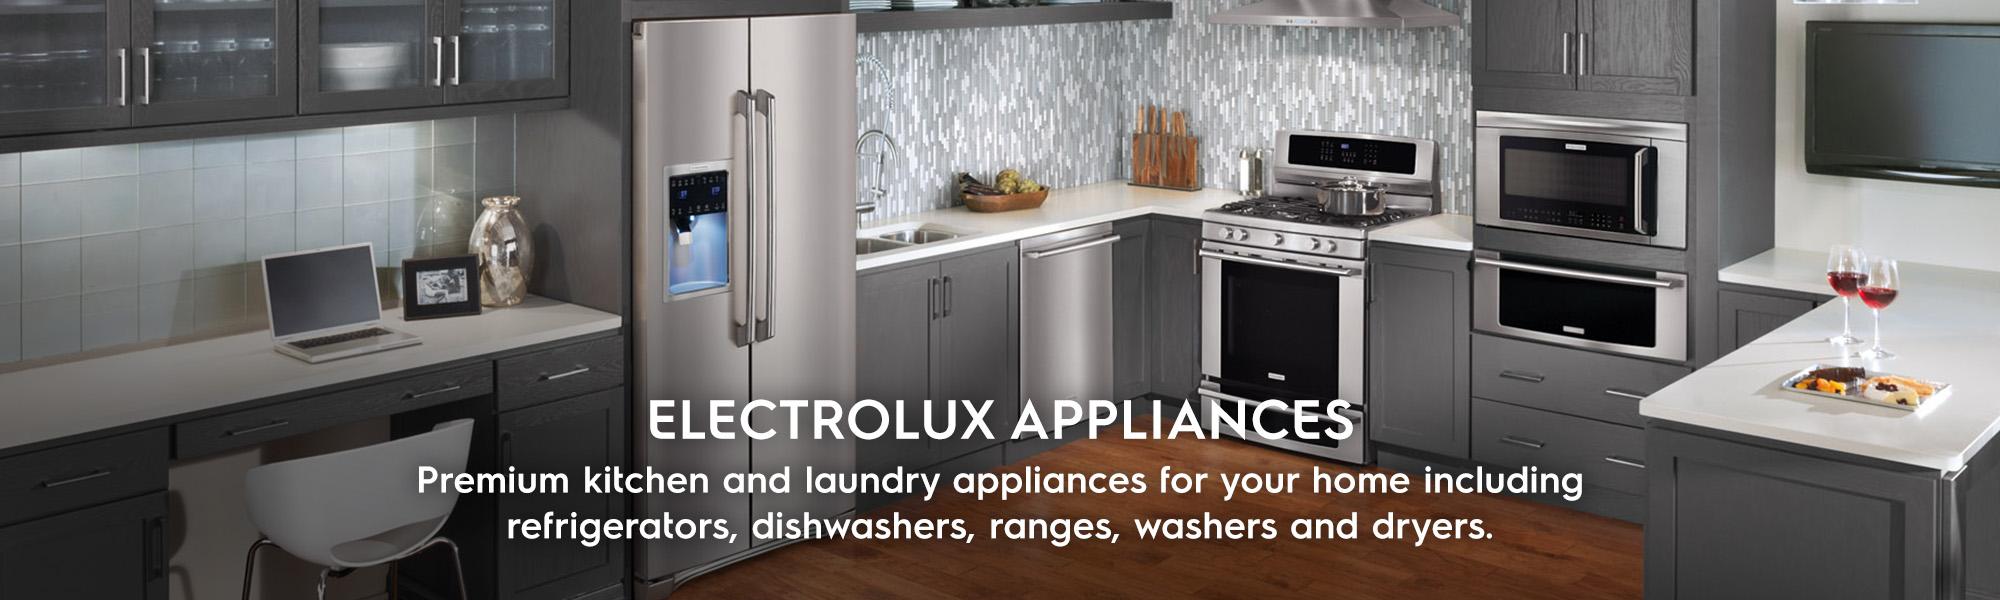 Electrolux Appliances. Electrolux Kitchen